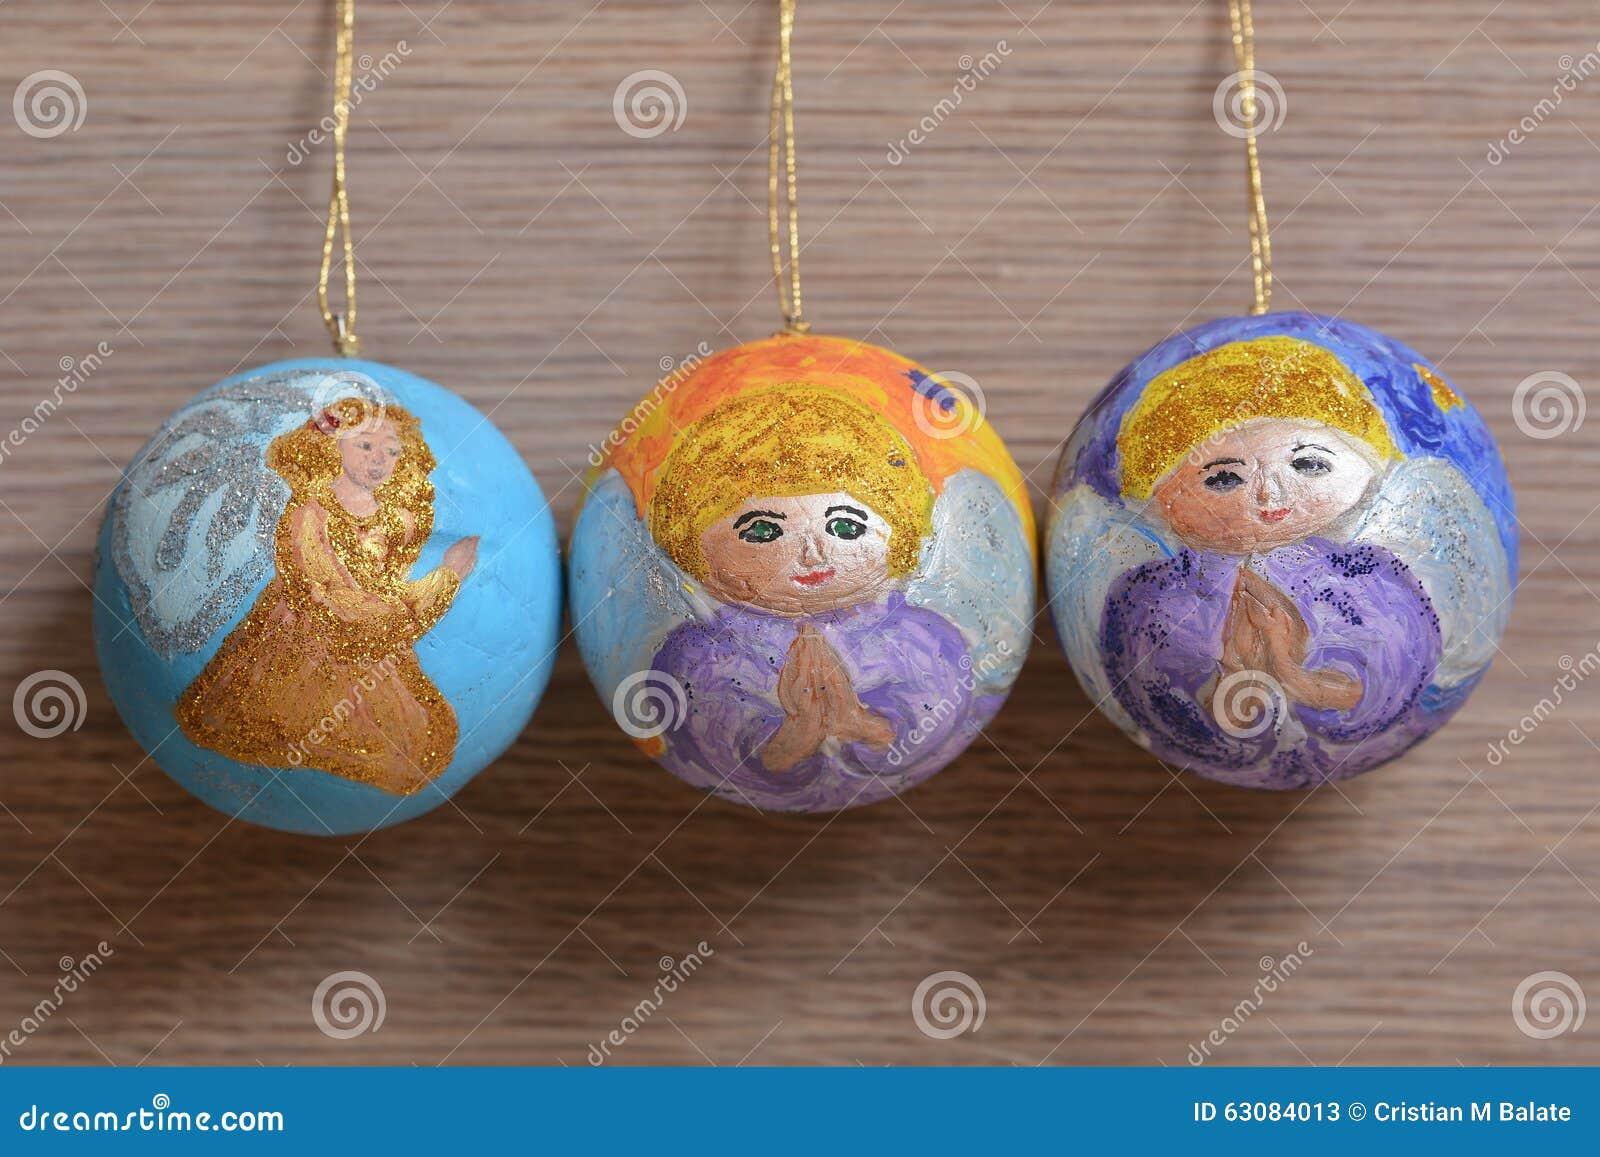 Download Billes de Noël image stock. Image du noël, effectué, célébrez - 63084013